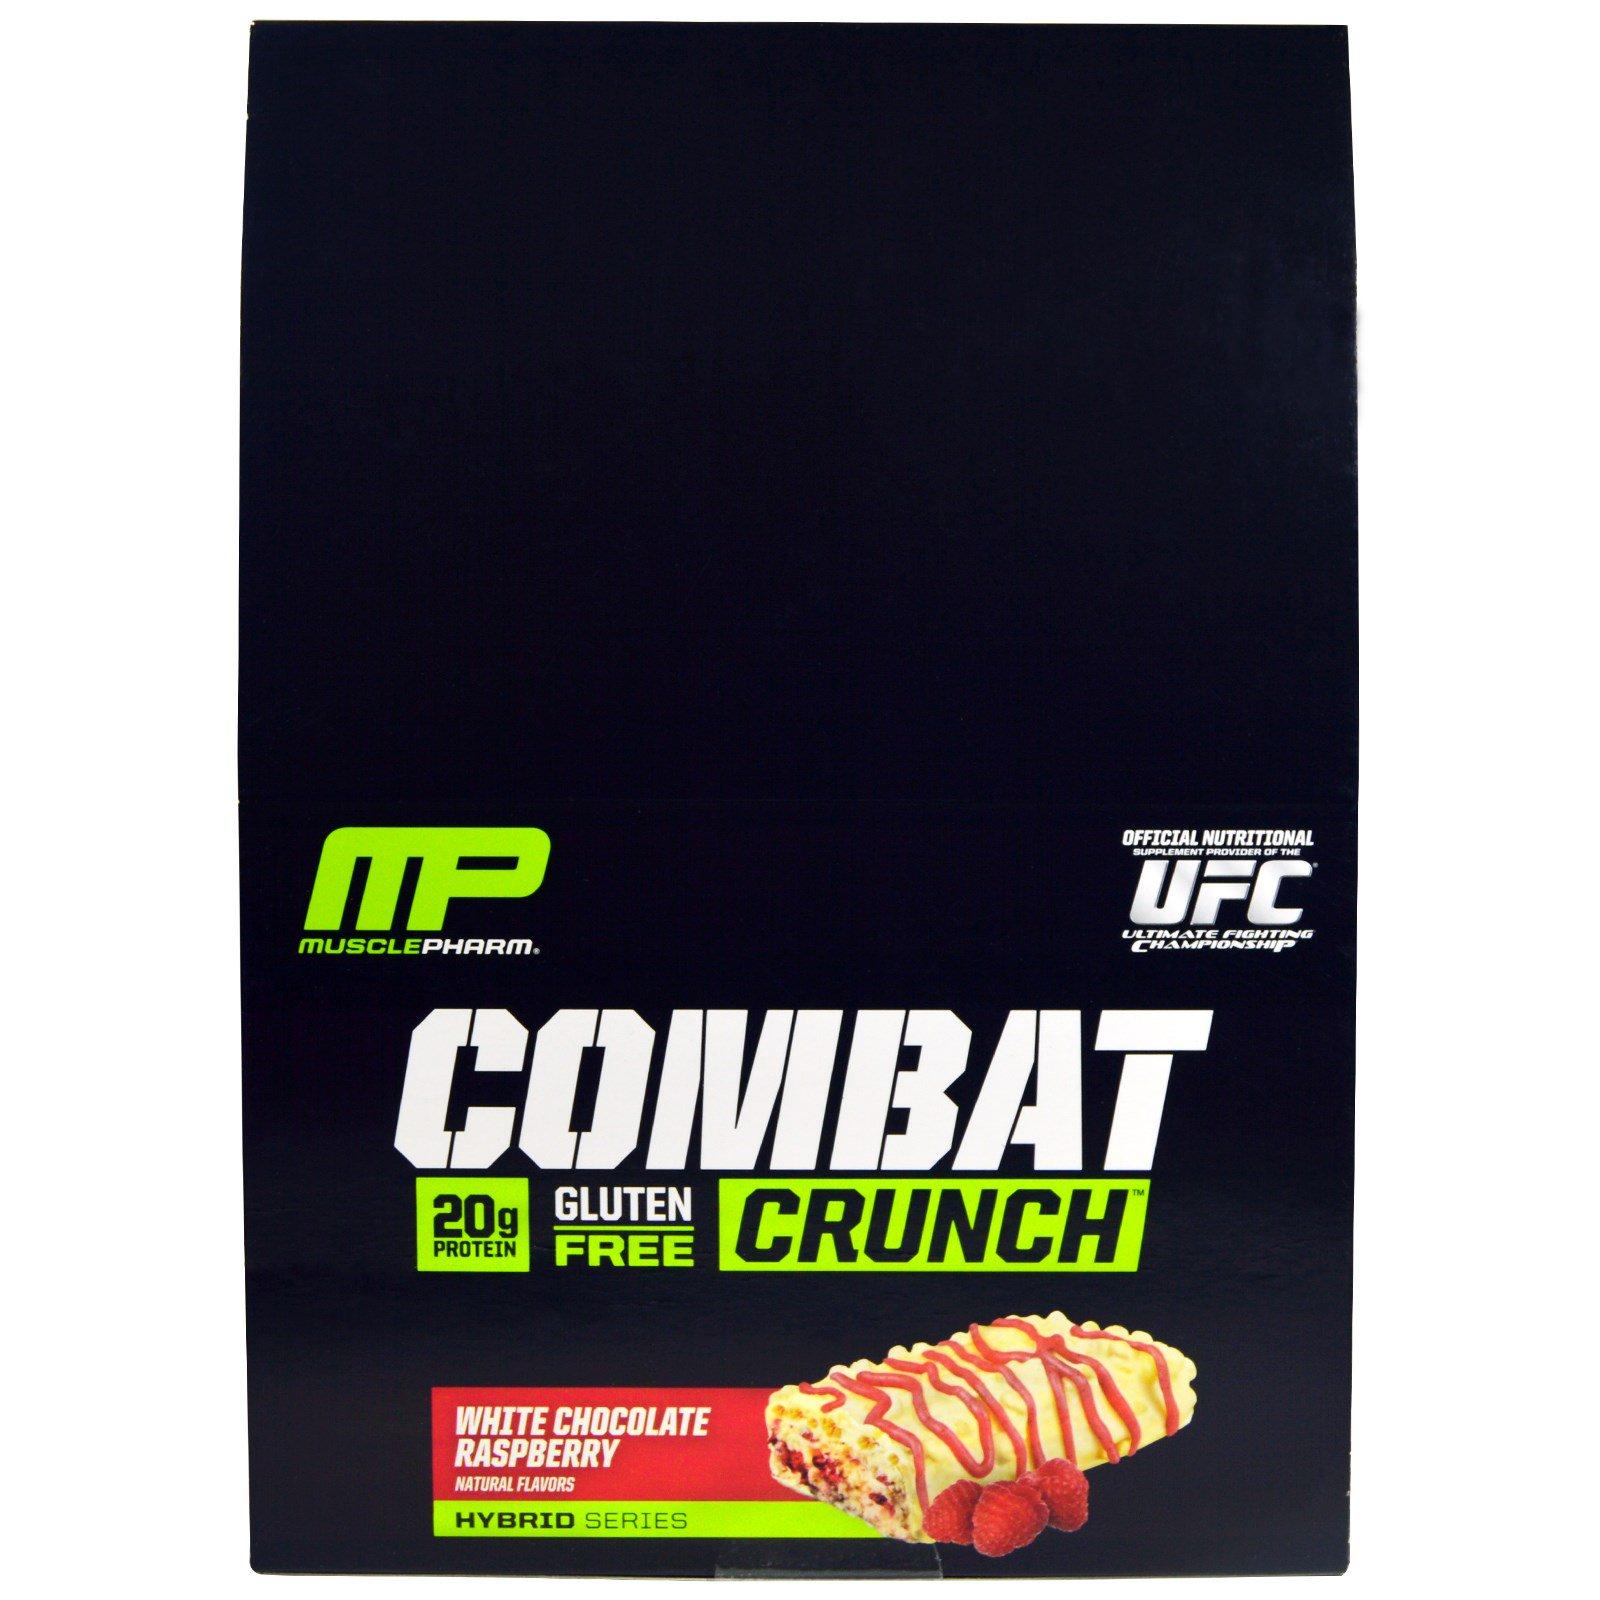 MusclePharm, Combat Crunch, Малина и белый шоколад, 12 батончиков, 2,22 унции (63 г) каждый